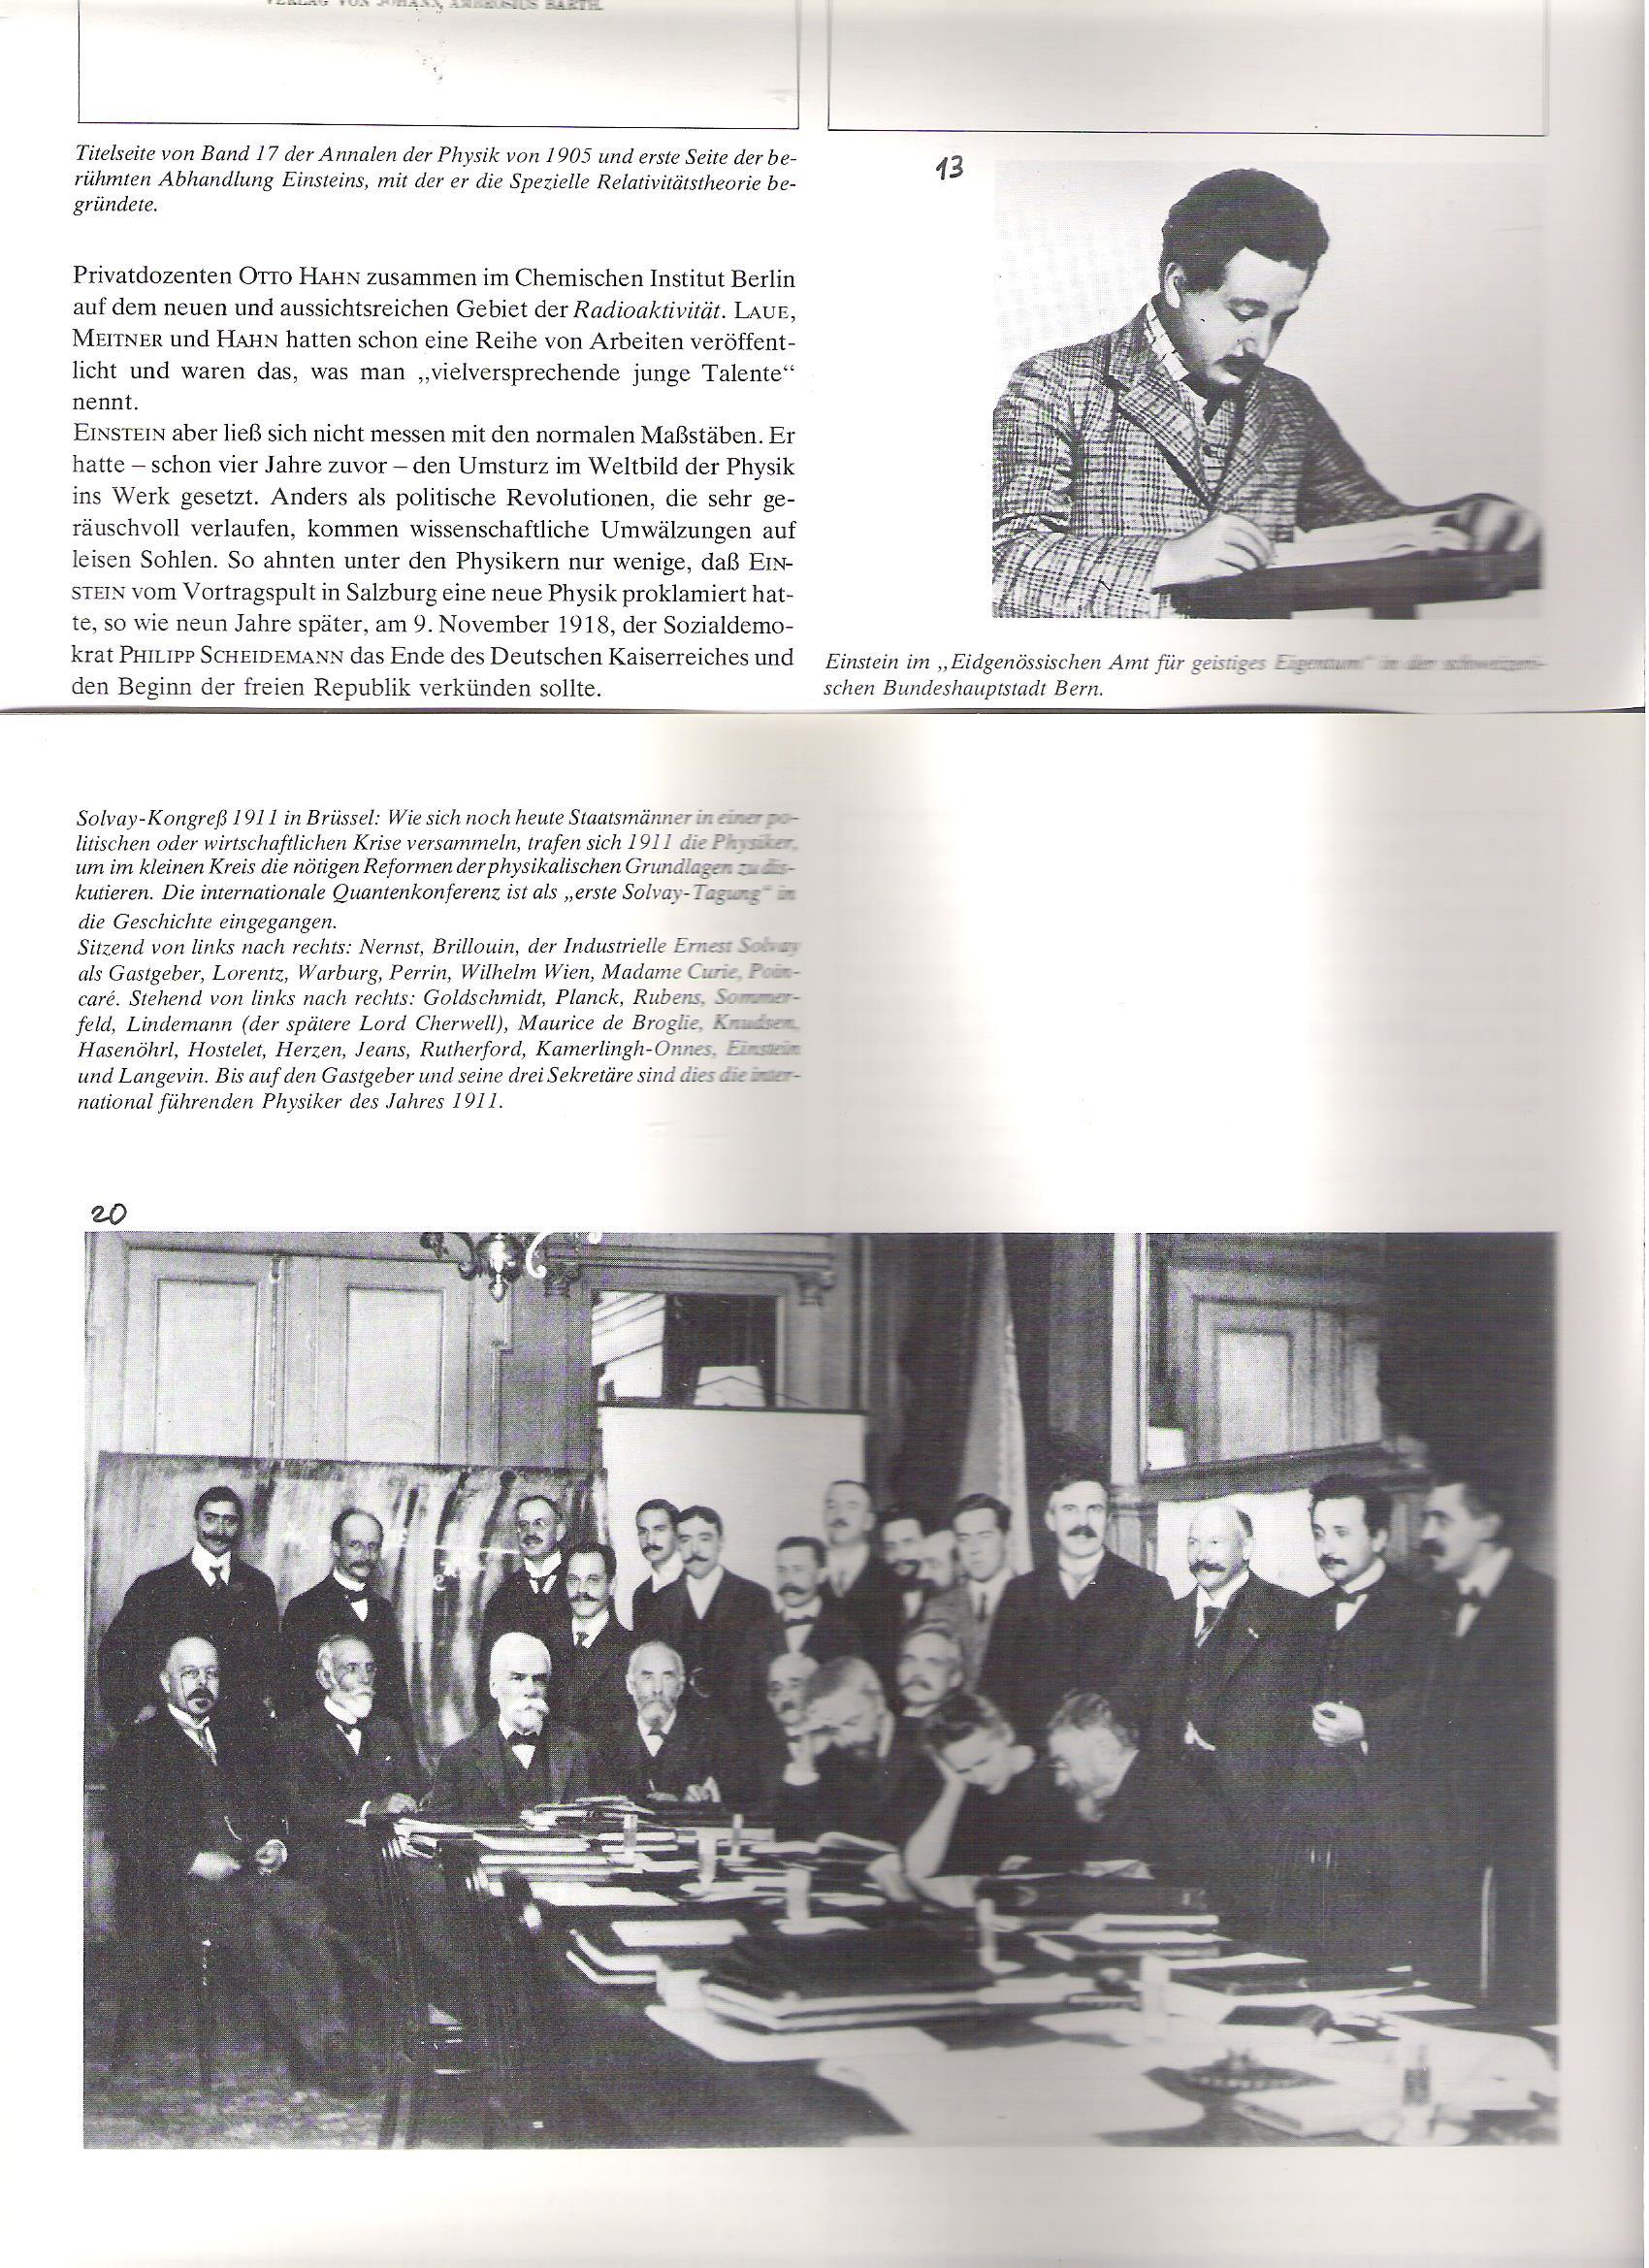 """13<br />Az Annalen der Physik 1905/17. Kötetének címlapja a híres Einsten-dolgozattal, amiben a speciális relativitáselméletét teszi közzé.<br /><br />Einstein a Szellemi Tulajdon Szövetségi Hivatalában, a svájci fővárosban, Bernben.<br /><br />20<br />Solvay-kongresszus Brüsszelben (1911). Mint ahogyan ma a politikusok vagy a gazdasági körök összegyűlnek, 1911-ben fizikusok találkoztak egy kis körben, hogy a fizika alapjainak szükséges reformjait megvitassák. A nemzetközi kvantumkonferencia, mint az """"Első Solvay-konferencia"""" került be a történelembe. <br />Ülnek, balról jobbra: Nernst, Brillouin, az iparmágnás Solvay, mint vendéglátó; Lorentz, Warburg, Perrin, Wilhelm Wien, Madame Curie, Poincaré.<br />Állnak, balról jobbra: Goldschmidt, Planck, Rubens, Sommerfeld, Lindemann (a későbbi Lord Cherwell), Maurice de Broglie, Knudsen, Hasenöhre, Hostelet, Herzen, Jeans, Rutherford, Kammeling-Onnes, Einstein és Langevin. <br />A vendéglátó és három titkárja kivételével ők a fizika vezető alakjai 1911-ben."""